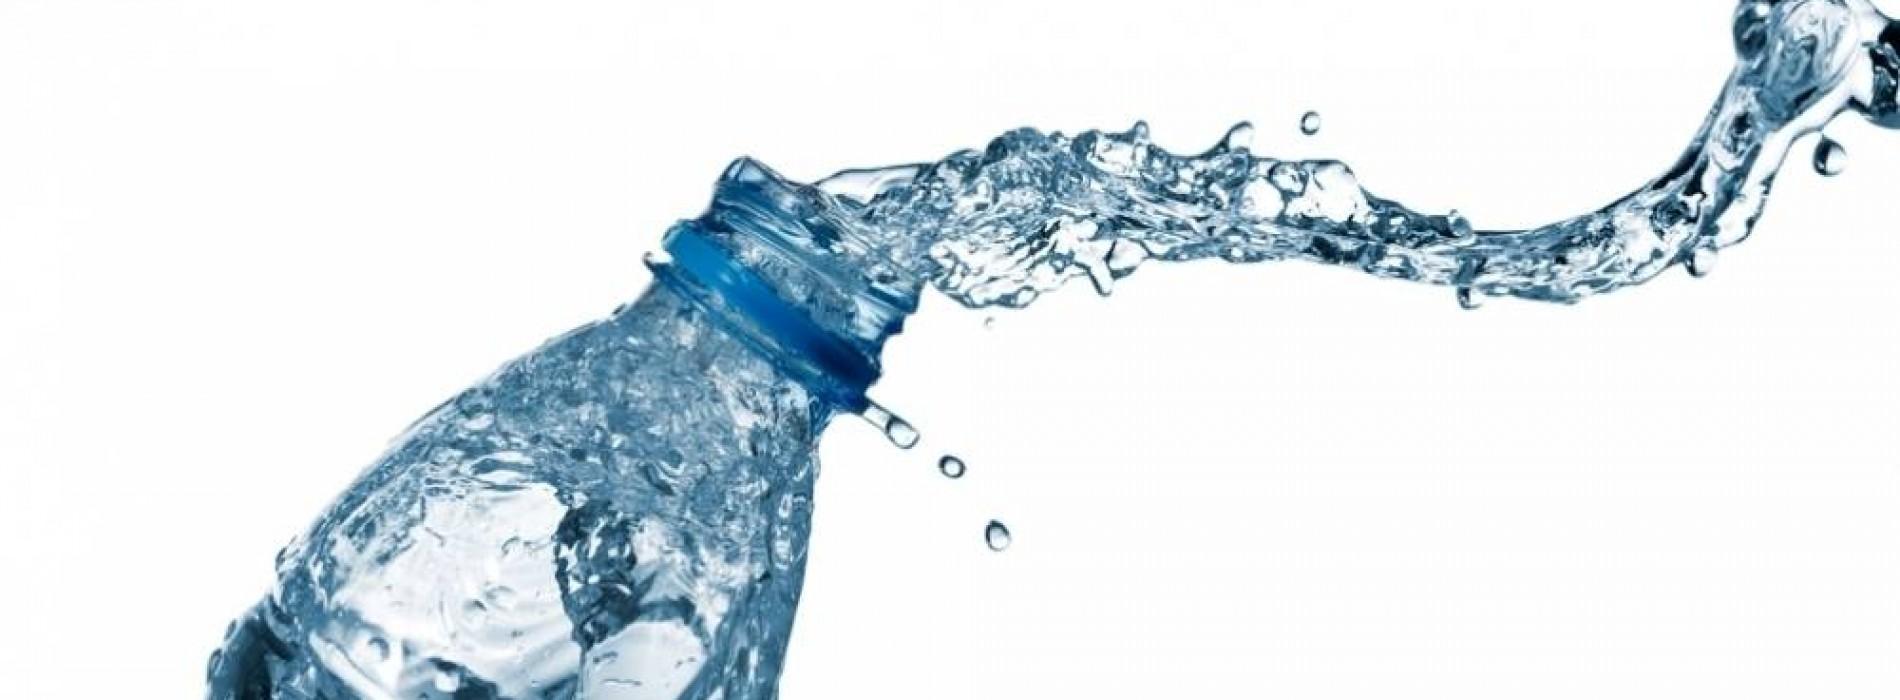 Een niet schoongemaakt waterflesje is net zo smerig als je wc-bril